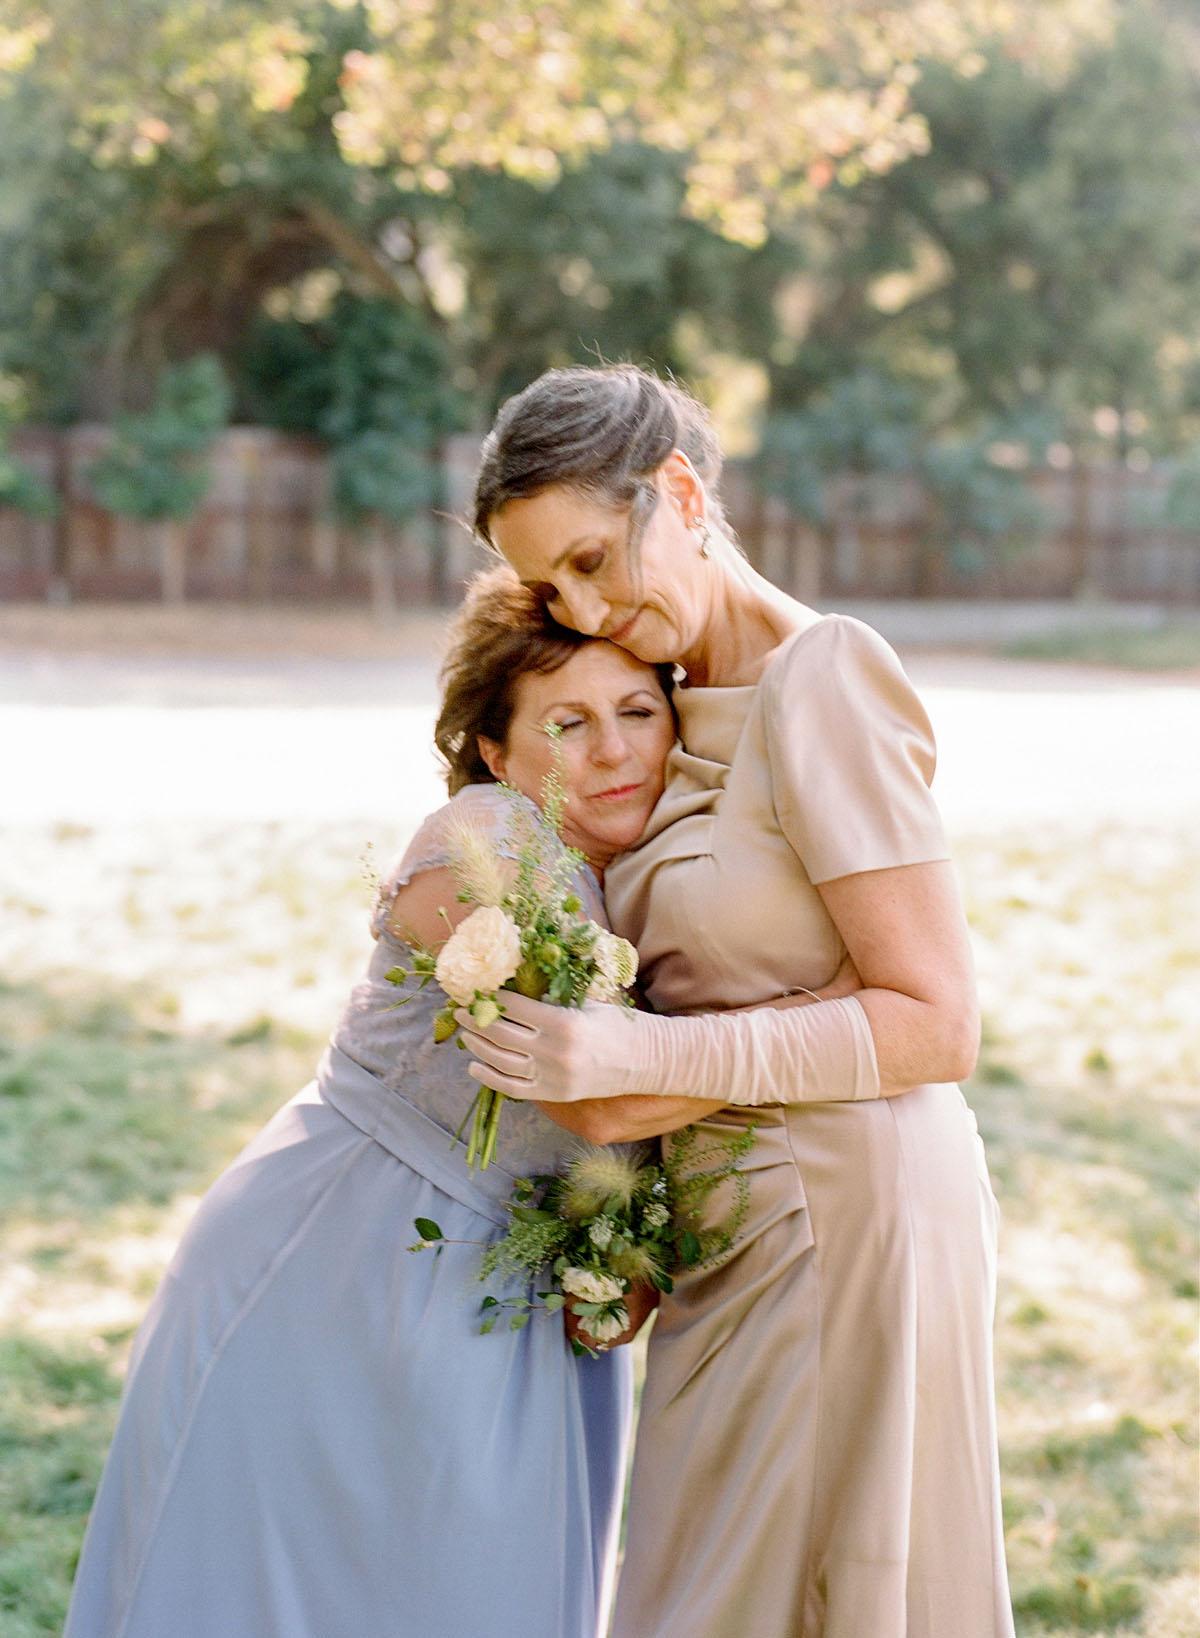 26-tender-mother-moment-wedding.jpg